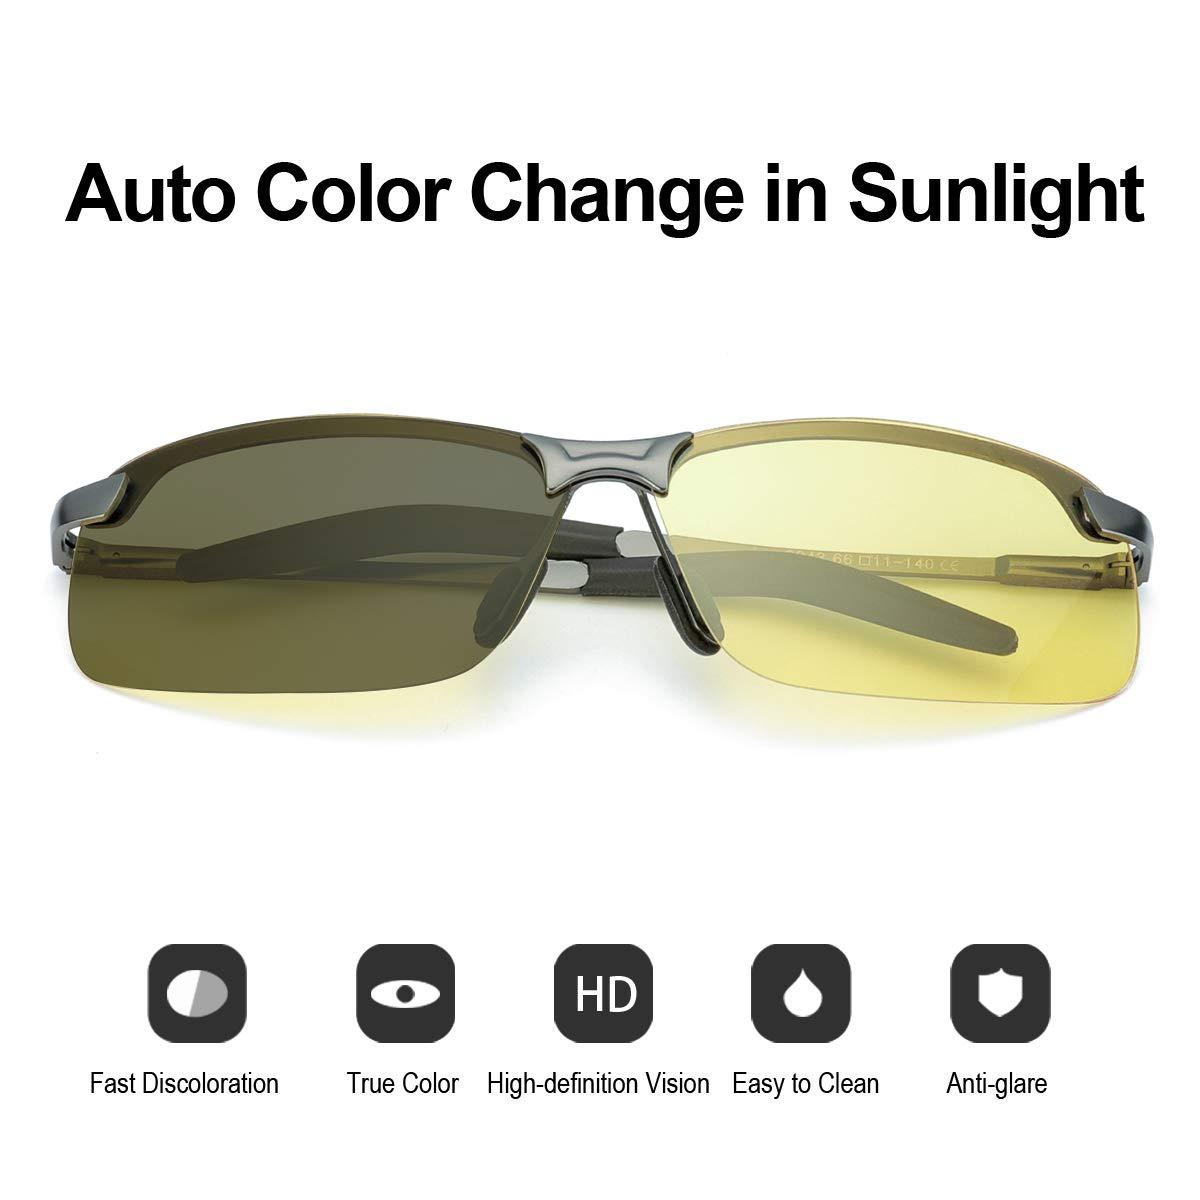 Metallo Montatura per Guidare Protezione 100/% UVA UVB TJUTR Fotocromatici Occhiali Da Notturni Guida Polarizzati Uomo